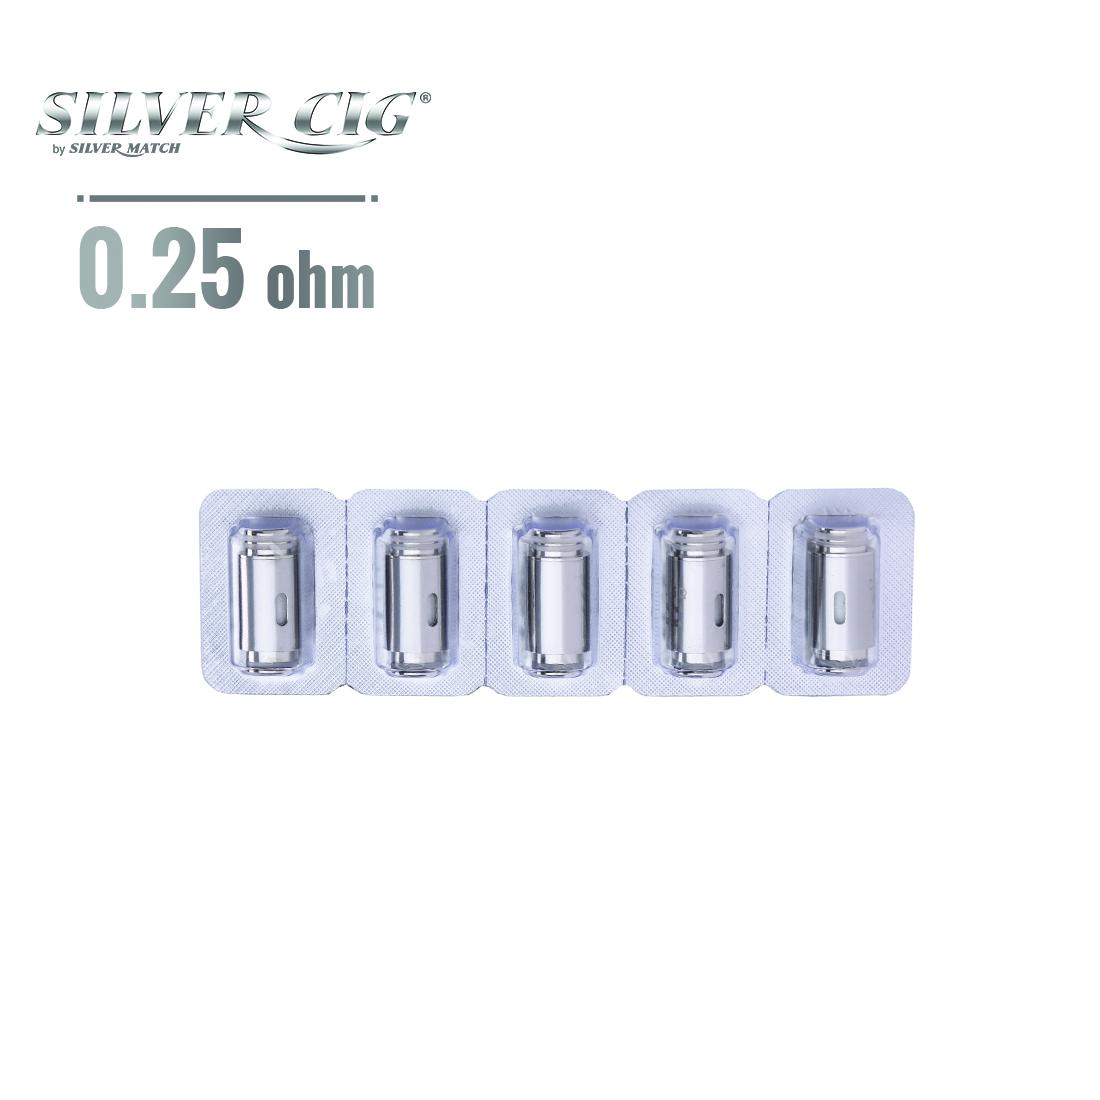 Photo #1 de Résistance SilverCig e-Bot 0.25 Ω pack de 5